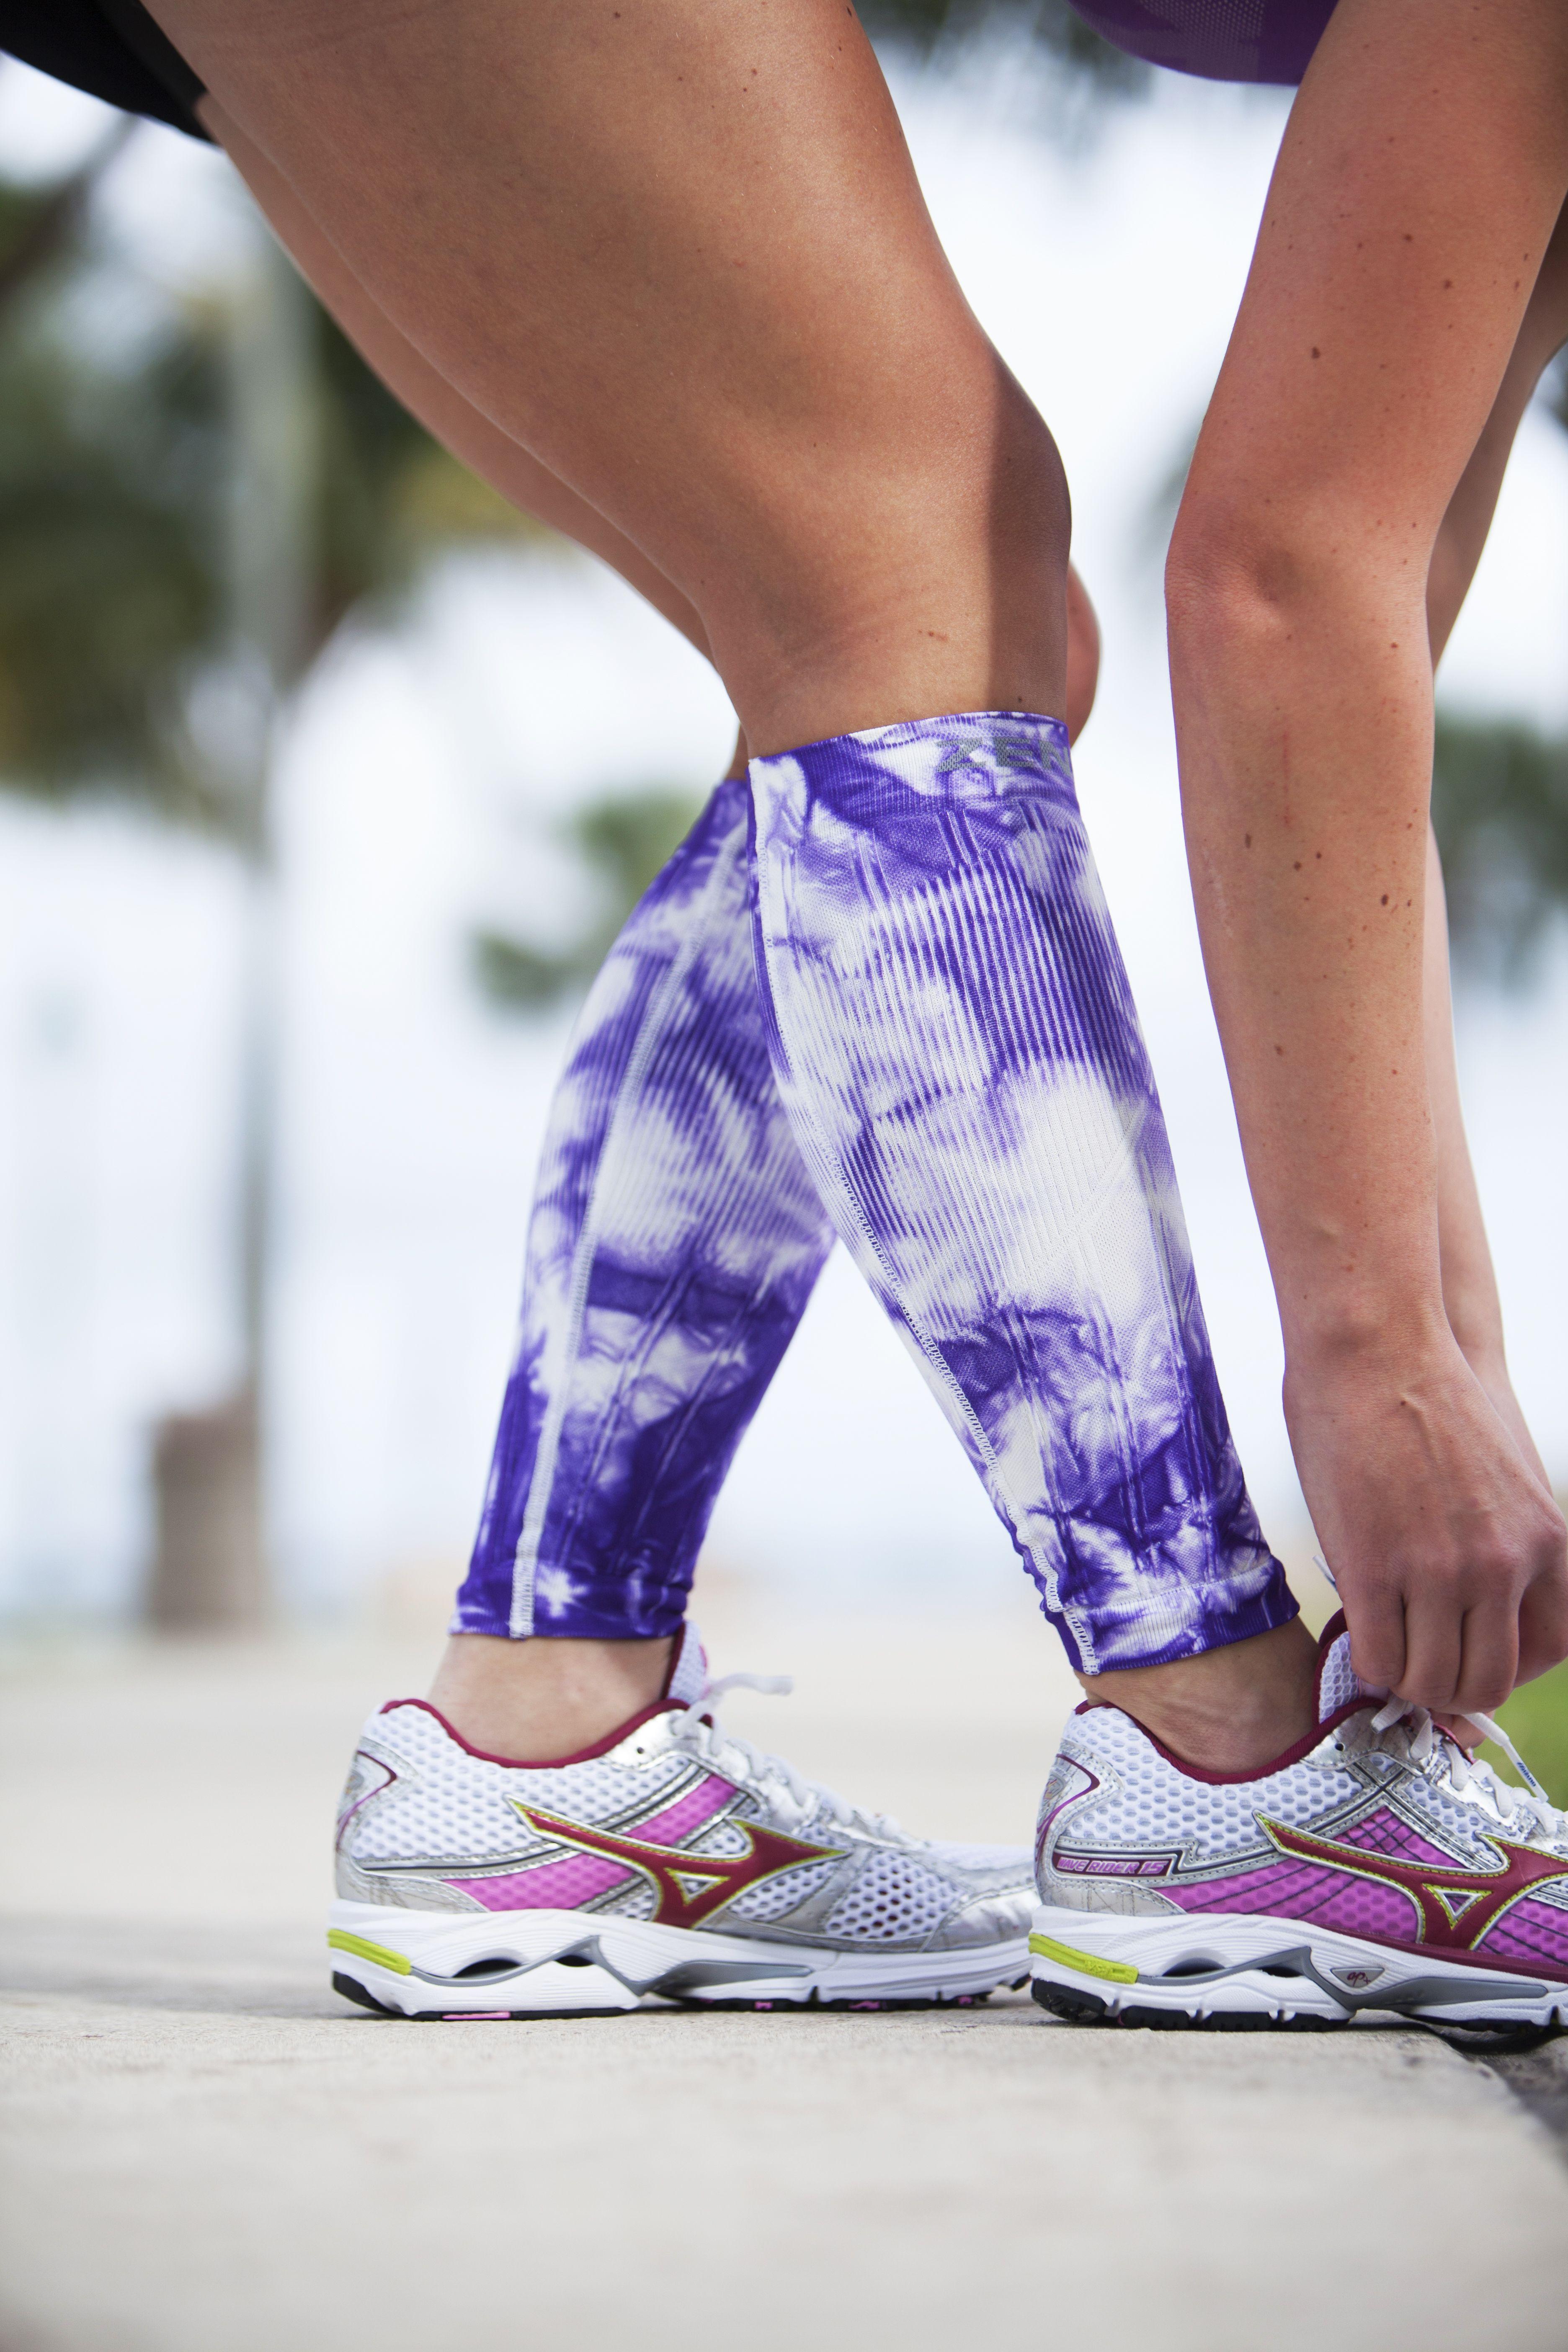 Compression leg sleeves compression leg sleeves leg